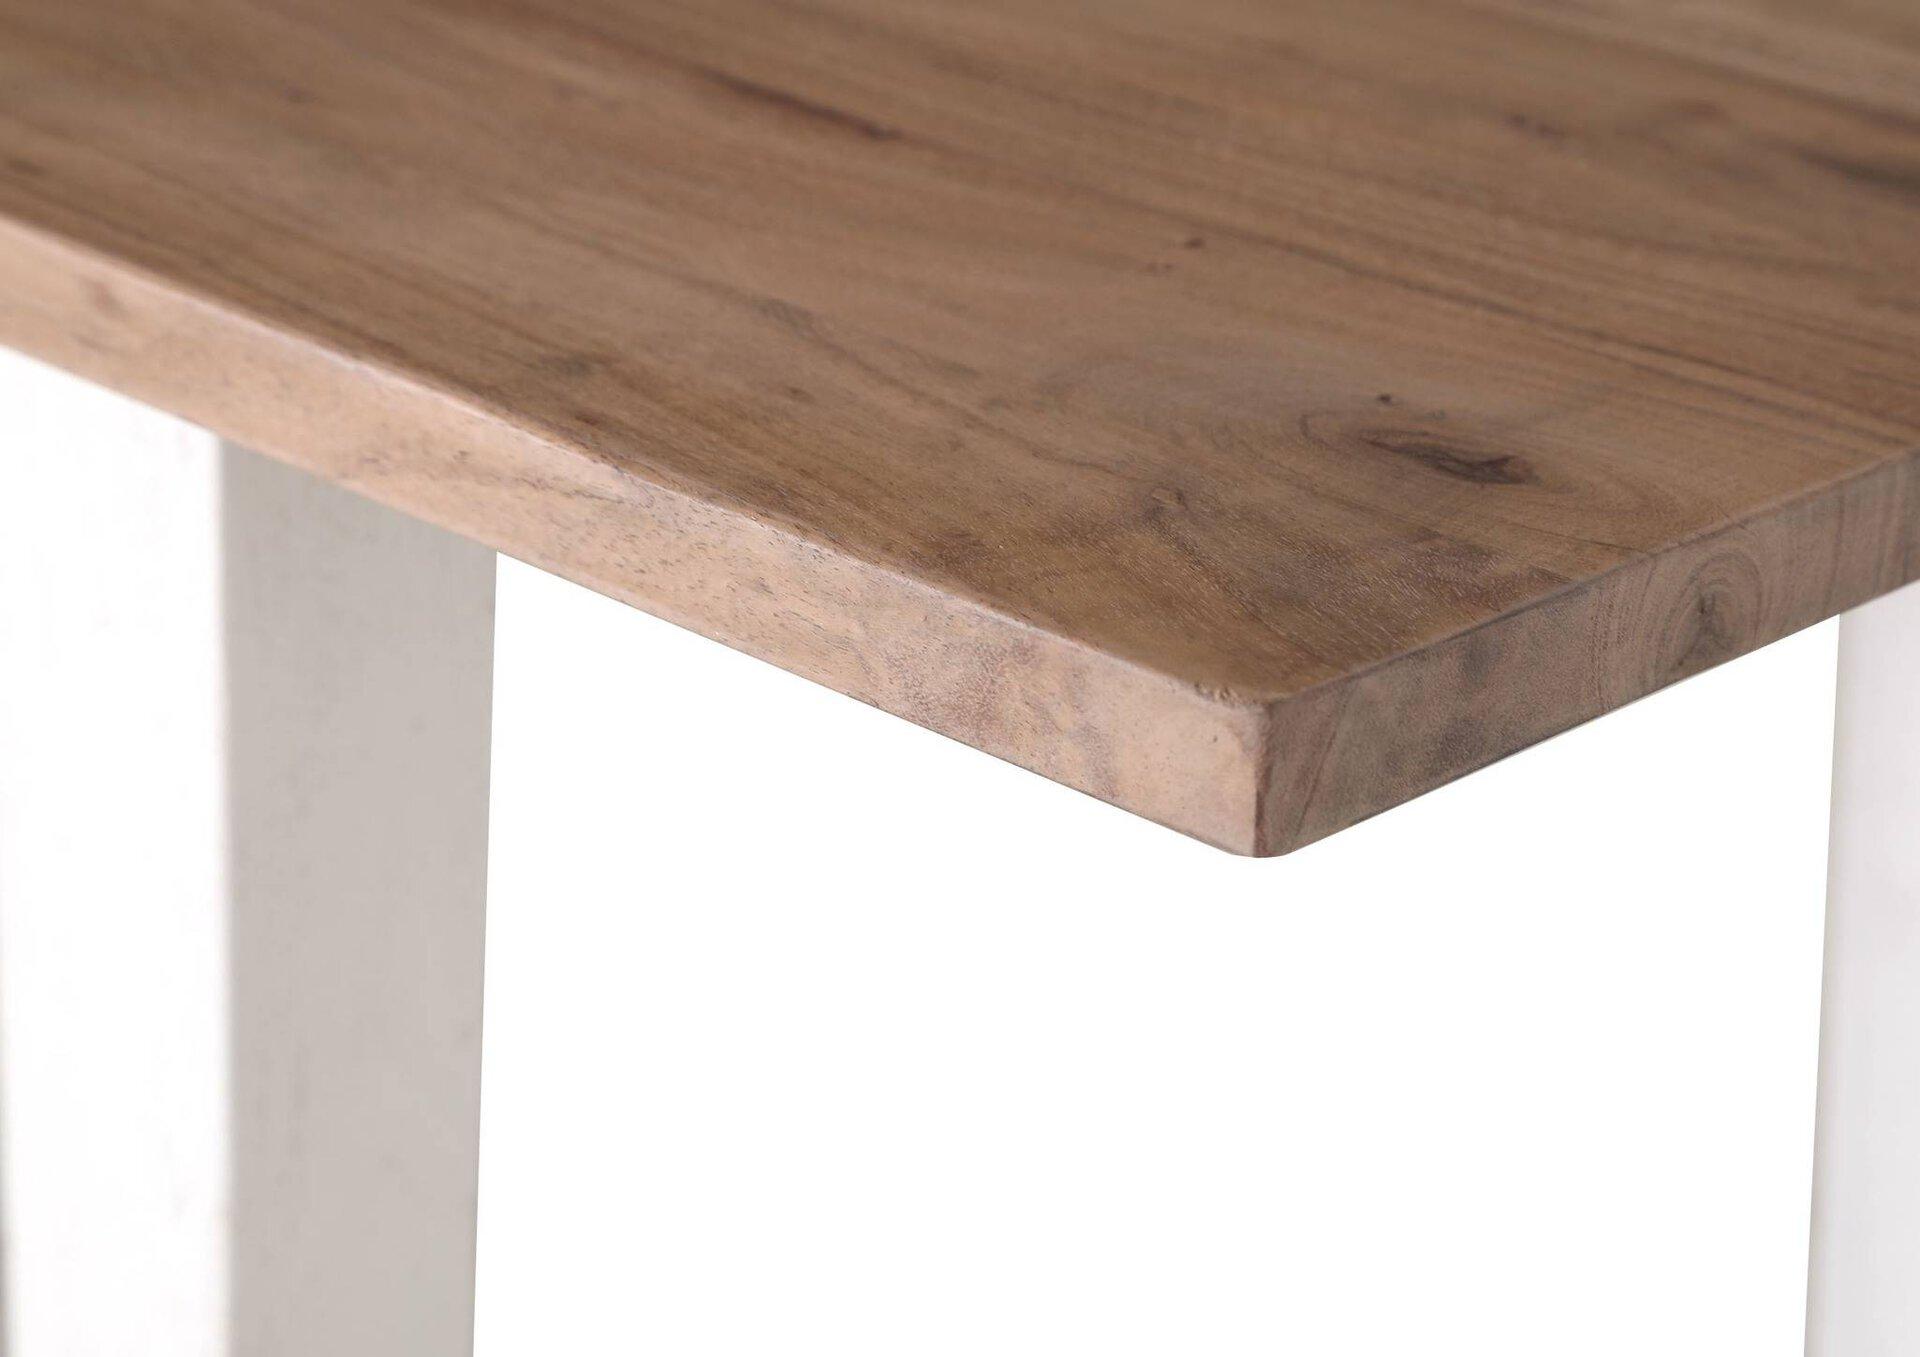 Esstisch Mick Gutmann Factory Holz weiß 80 x 76 x 120 cm